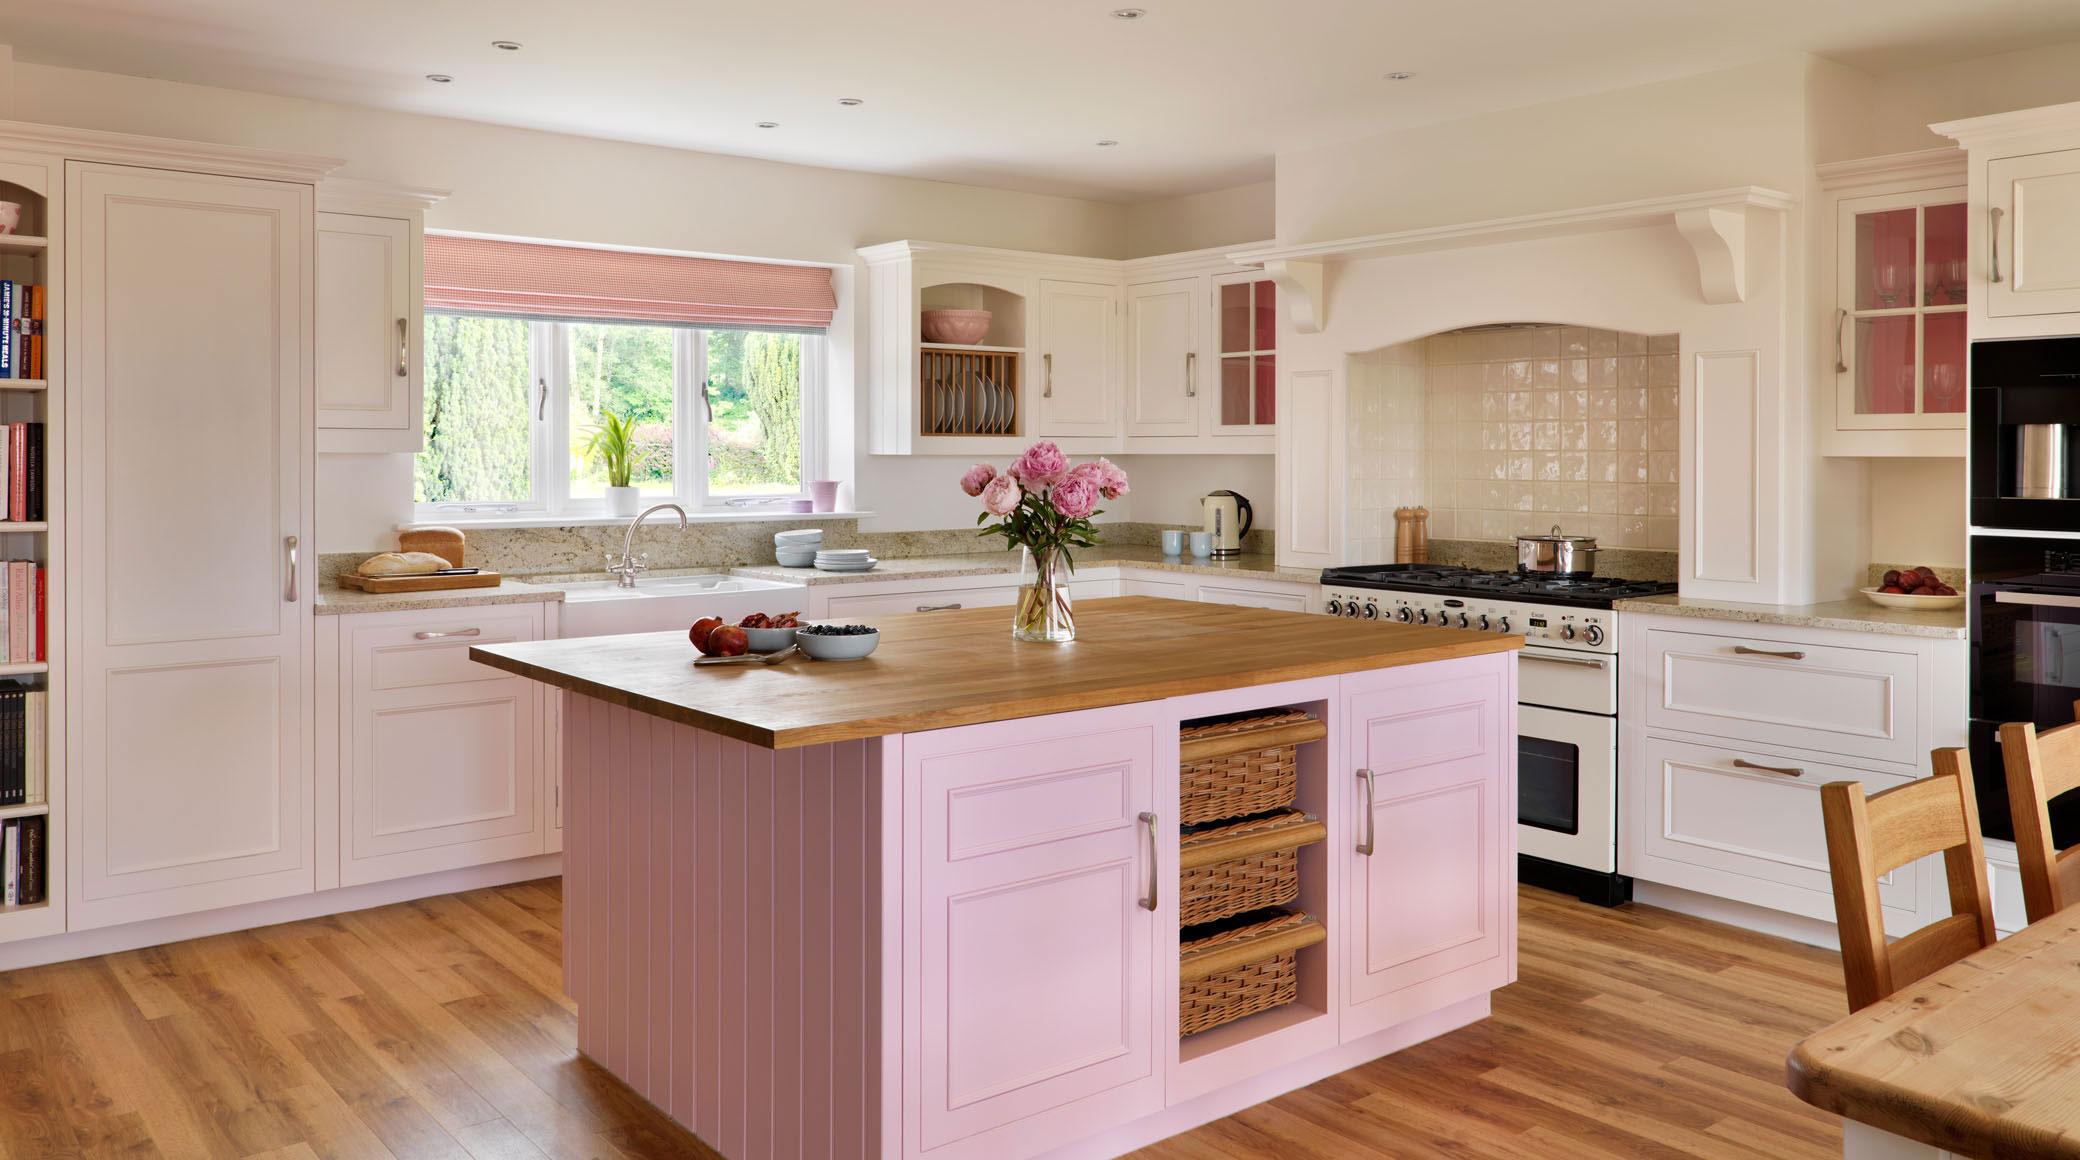 Thiết kế bếp gam màu hồng mê hoặc chị em phụ nữ từ cái nhìn đầu tiên - 4